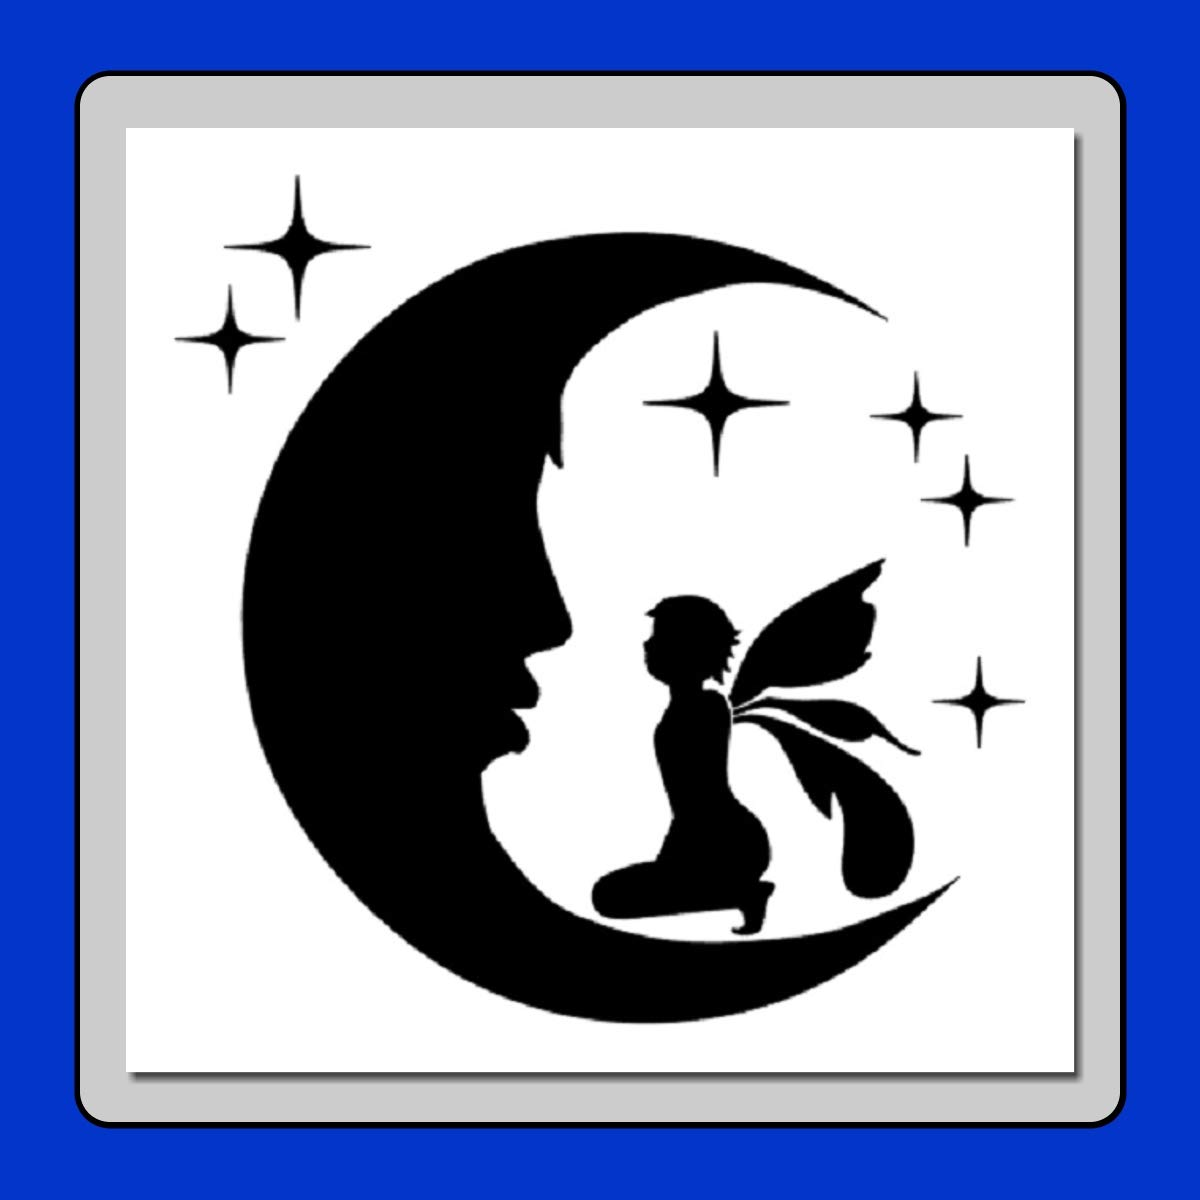 8 x 8インチ クラフトステンシルテンプレート 星と月に座る妖精 エアブラシ/ペイント/ファンタジー   B07MR8Q3DY